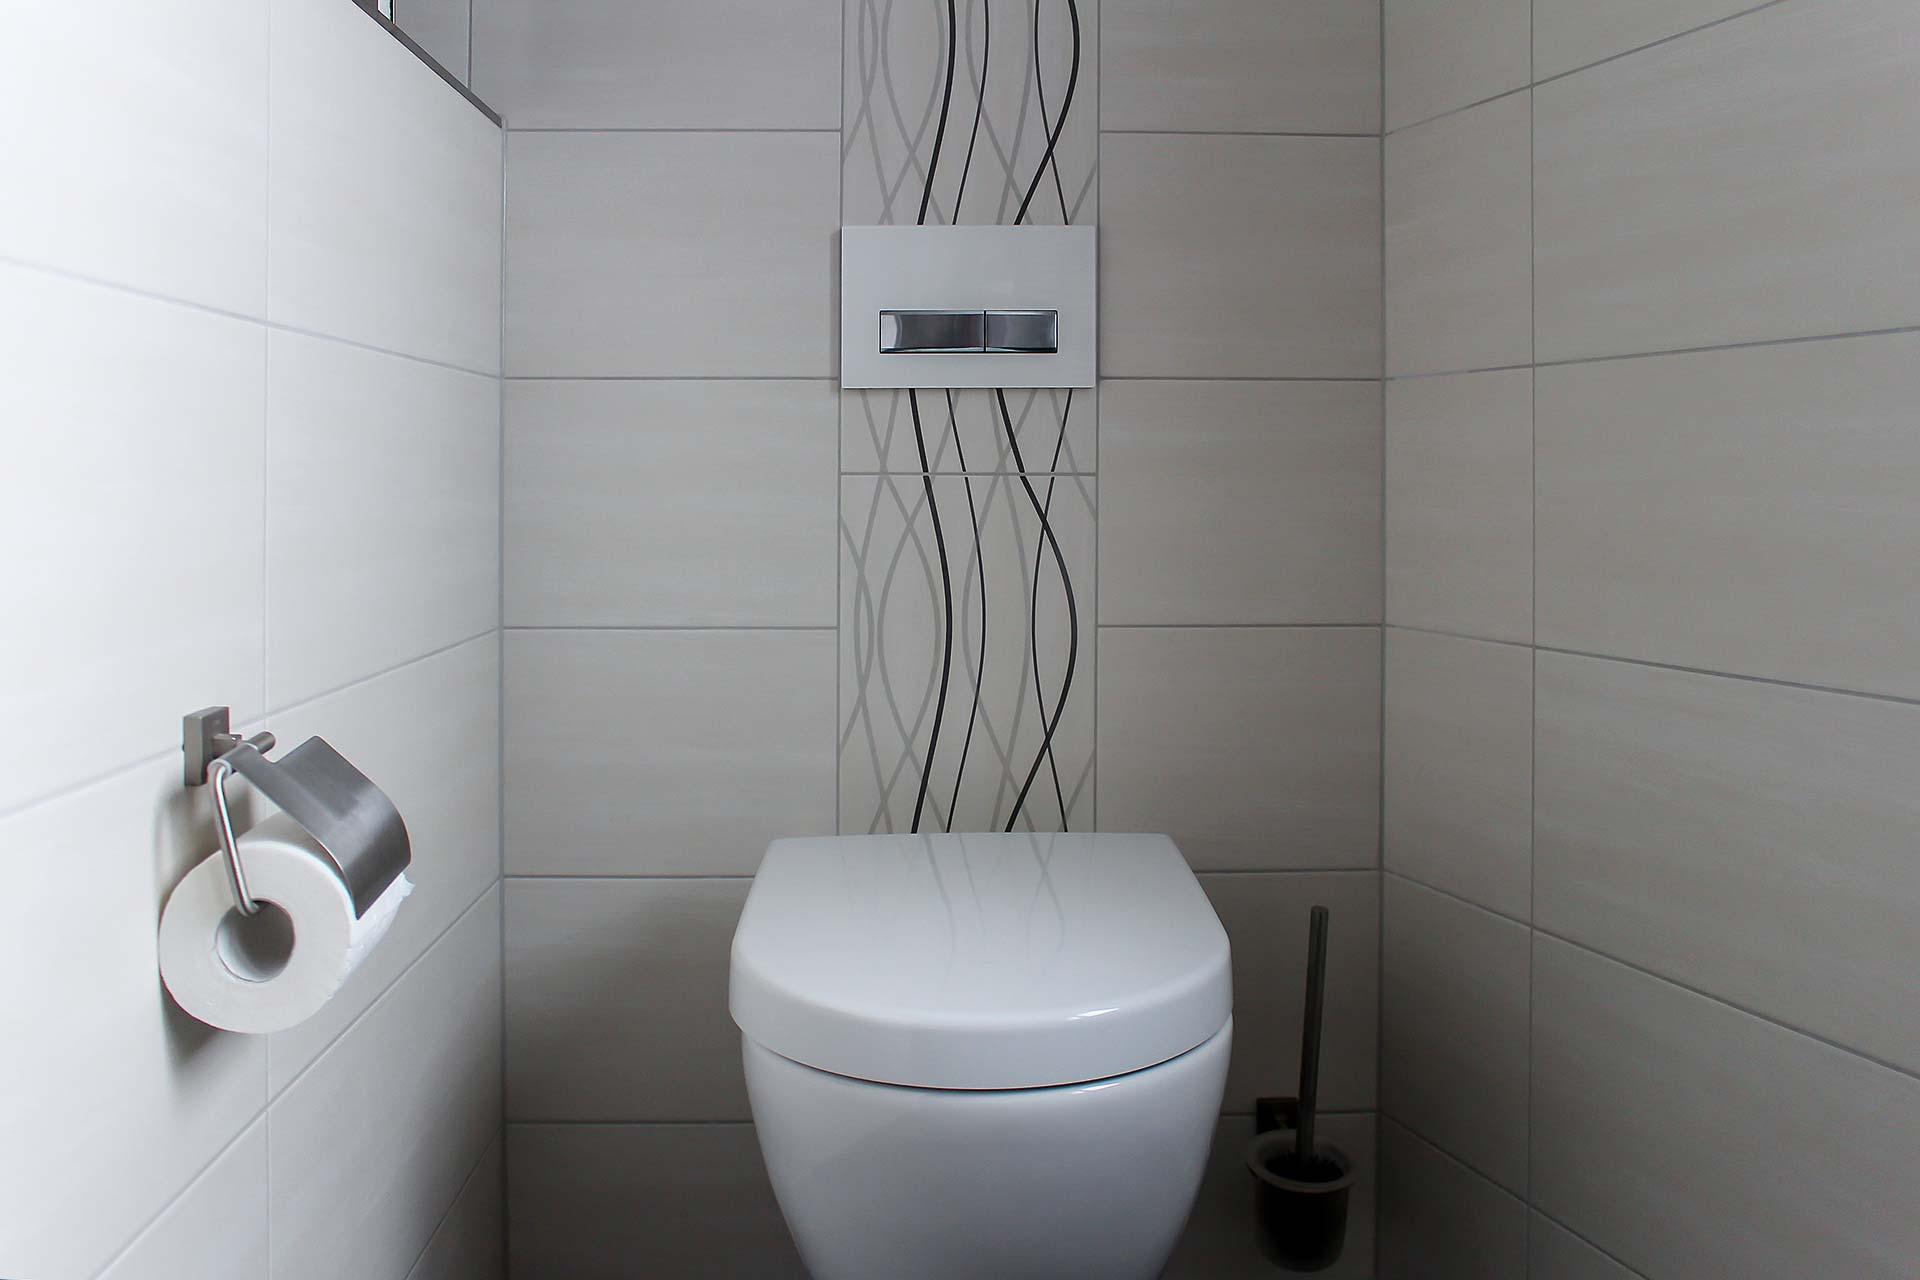 Gäste-WC mit Fliesen, teils mit dekorativem Muster